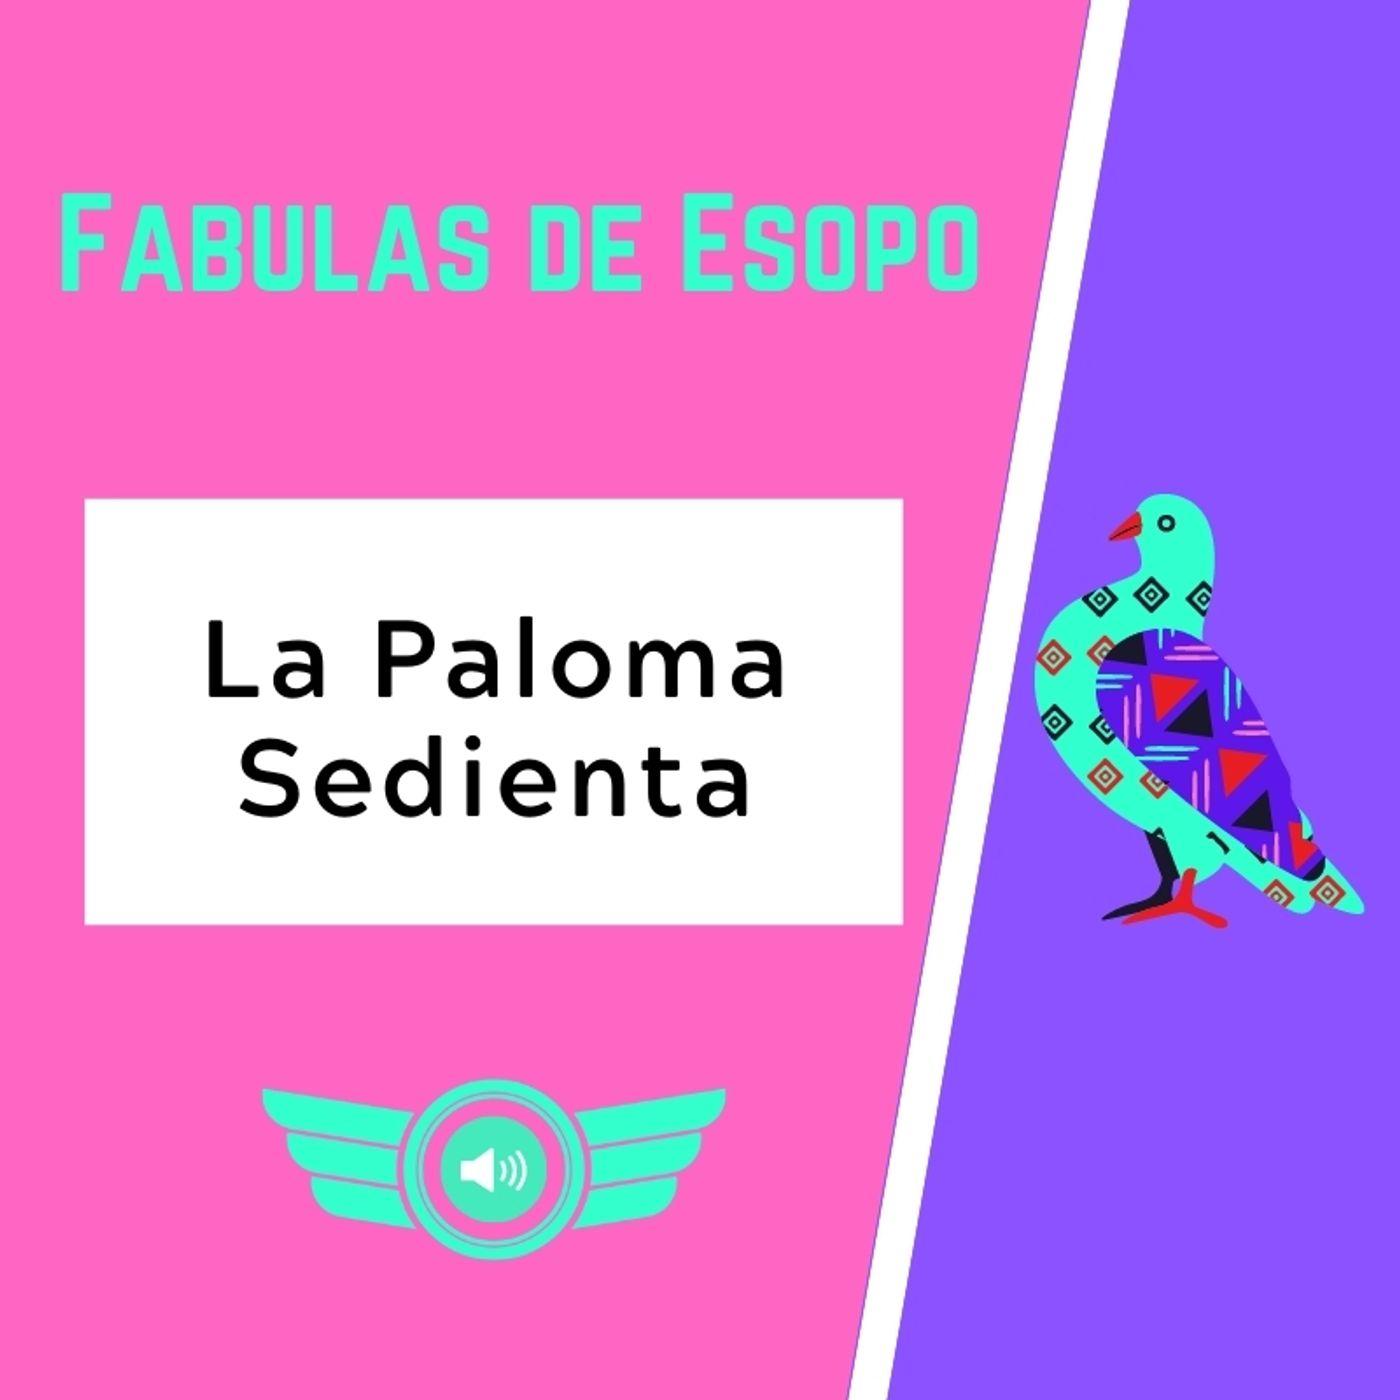 - 17 - La Paloma Sedienta ⭐🧙Fabulas de Esopo 🐇⭐